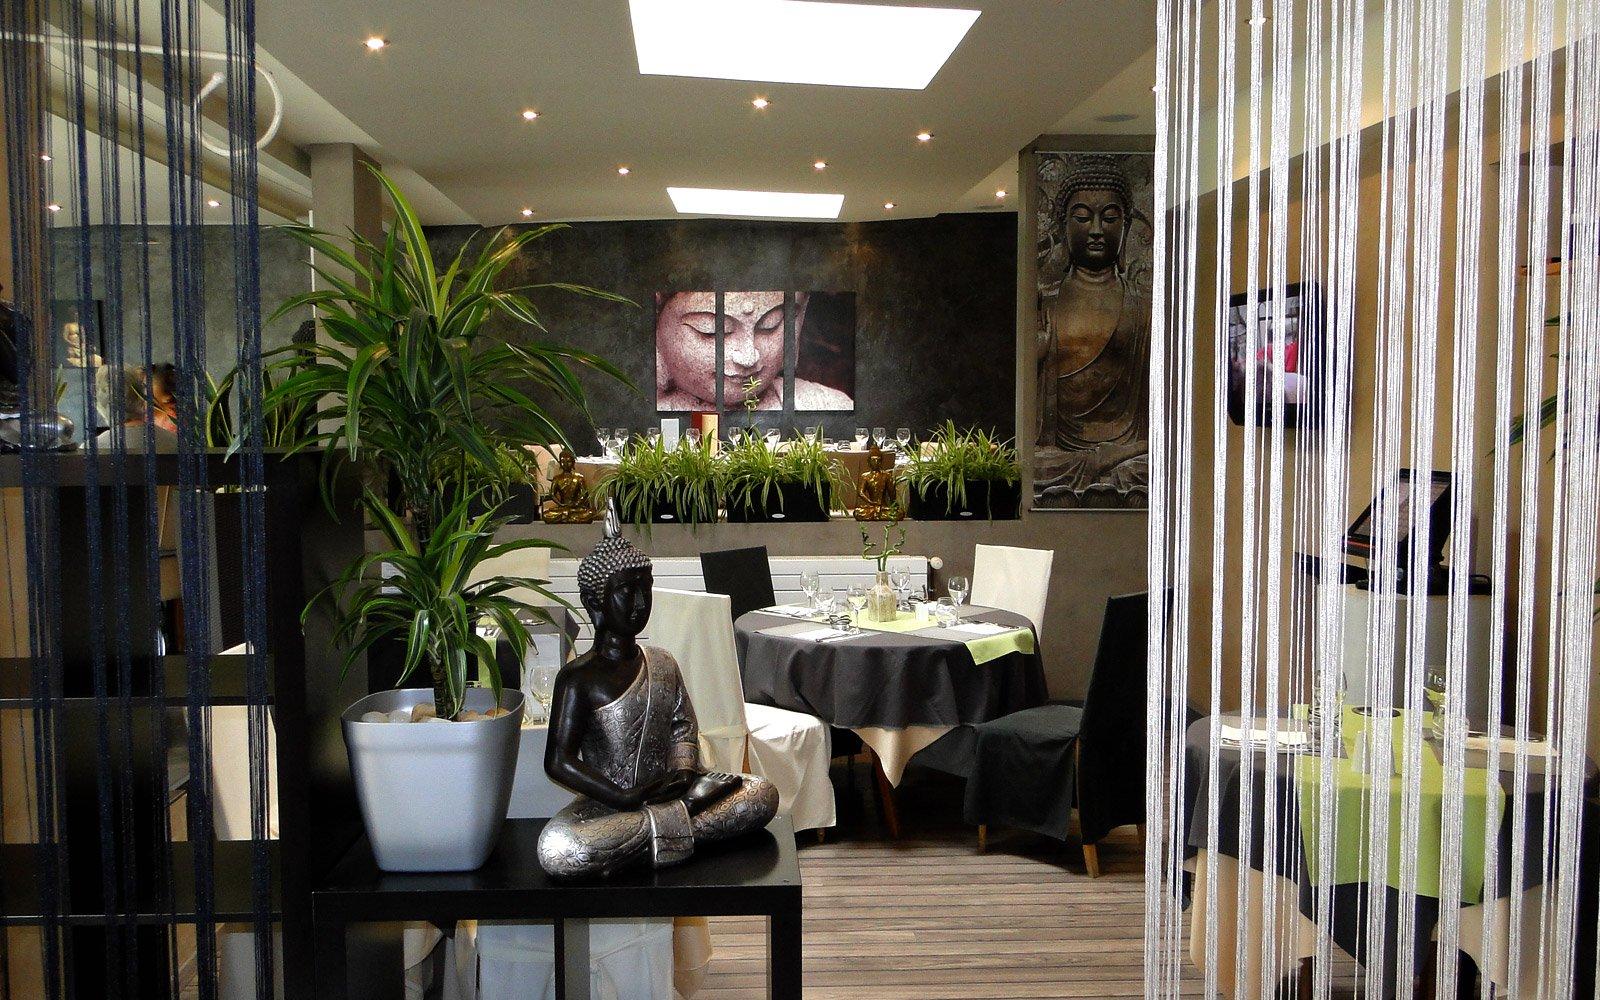 Repas entreprise dans une adresse élégante restaurant groupe LAGNY SUR MARNE 77